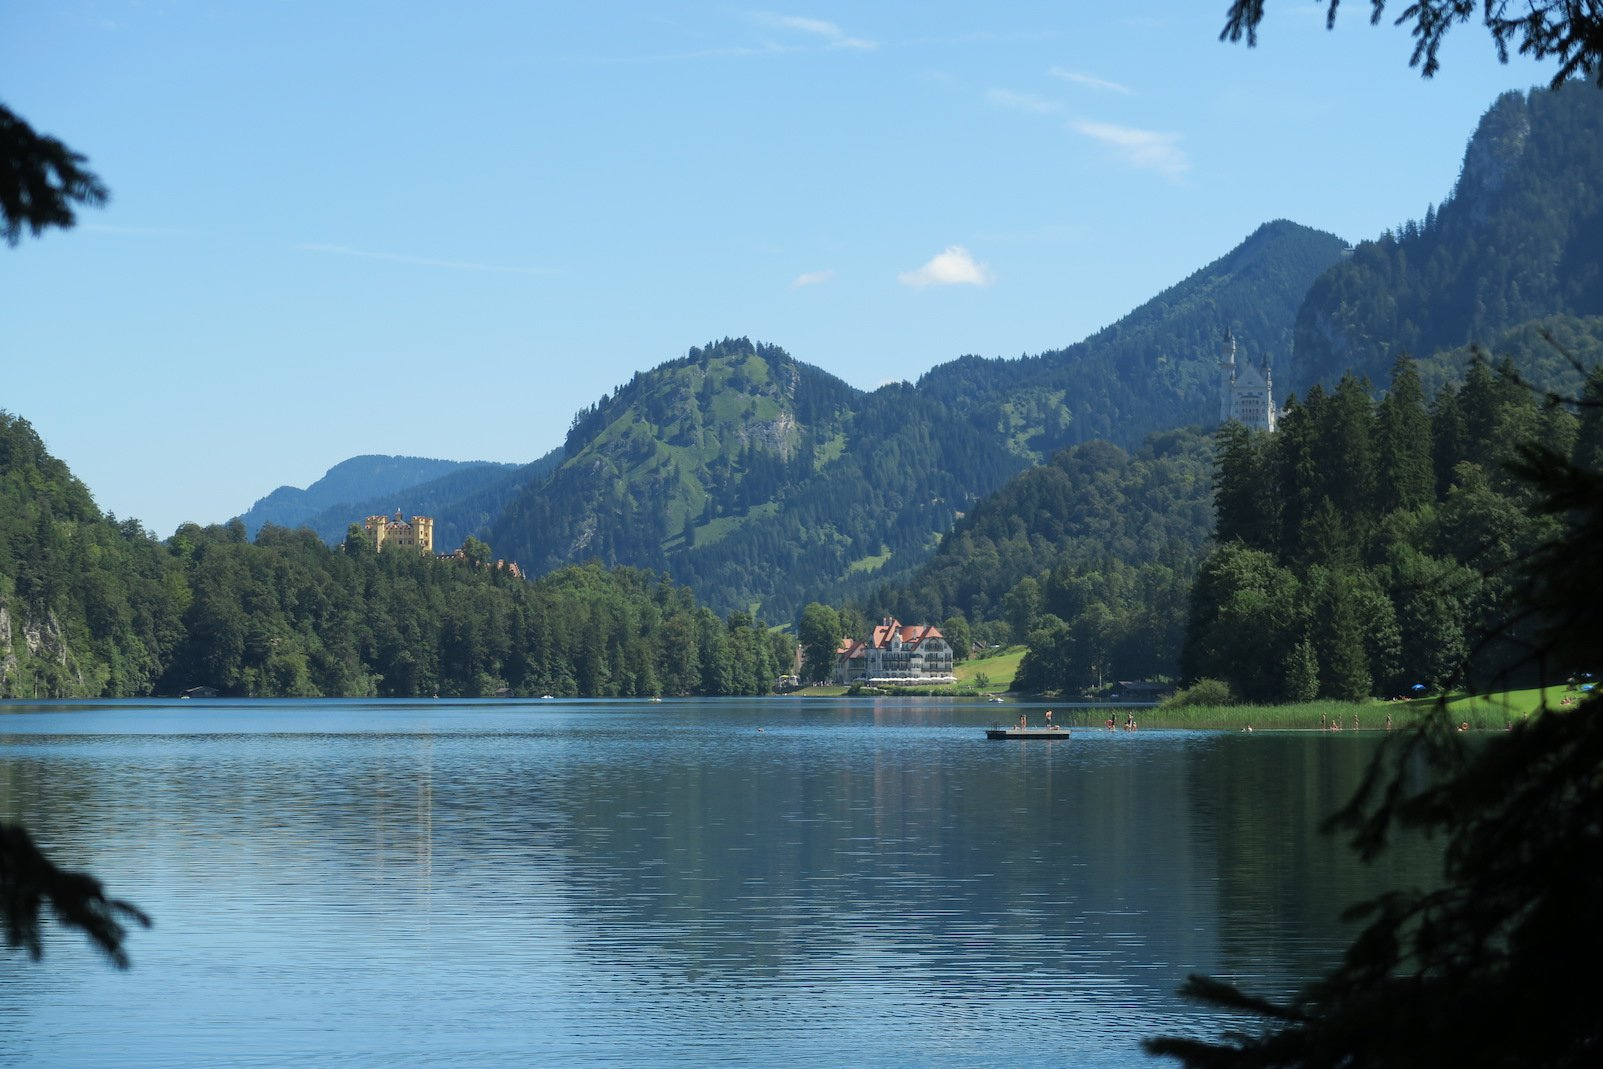 Links Hohenschwangau, rechts Neuschwanstein und in der Mitte das Museum der Bayrischen Könige direkt am Ufer des Alpsees